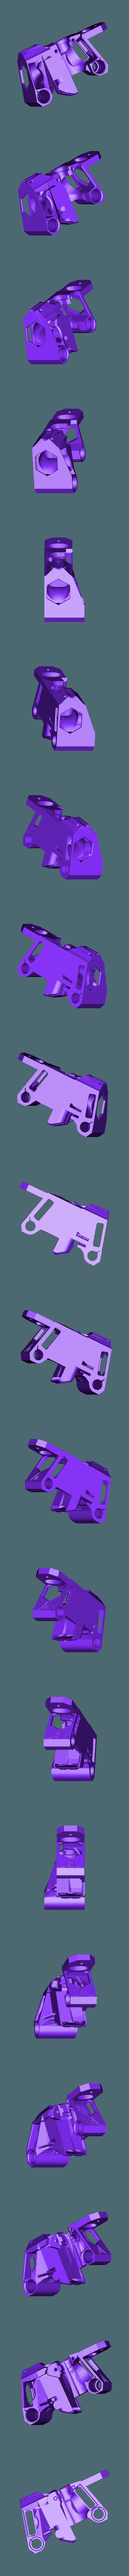 Tete V3 BL Toutch.stl Télécharger fichier STL gratuit Tête DiscoEasy200 Ultimate BLTouch • Design imprimable en 3D, tazernade